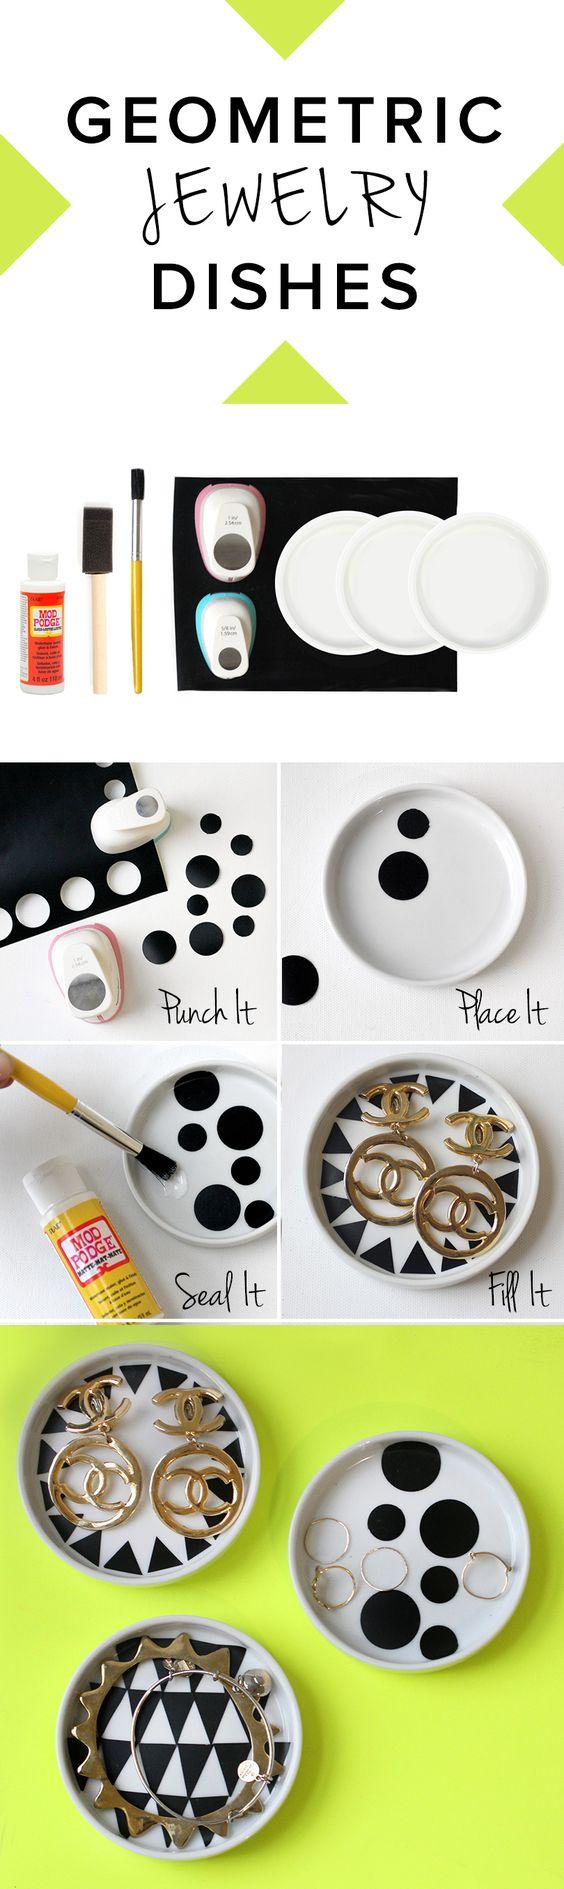 Geometric Jewelry Dishes designed by @I Spy DIY for #darbysmart: